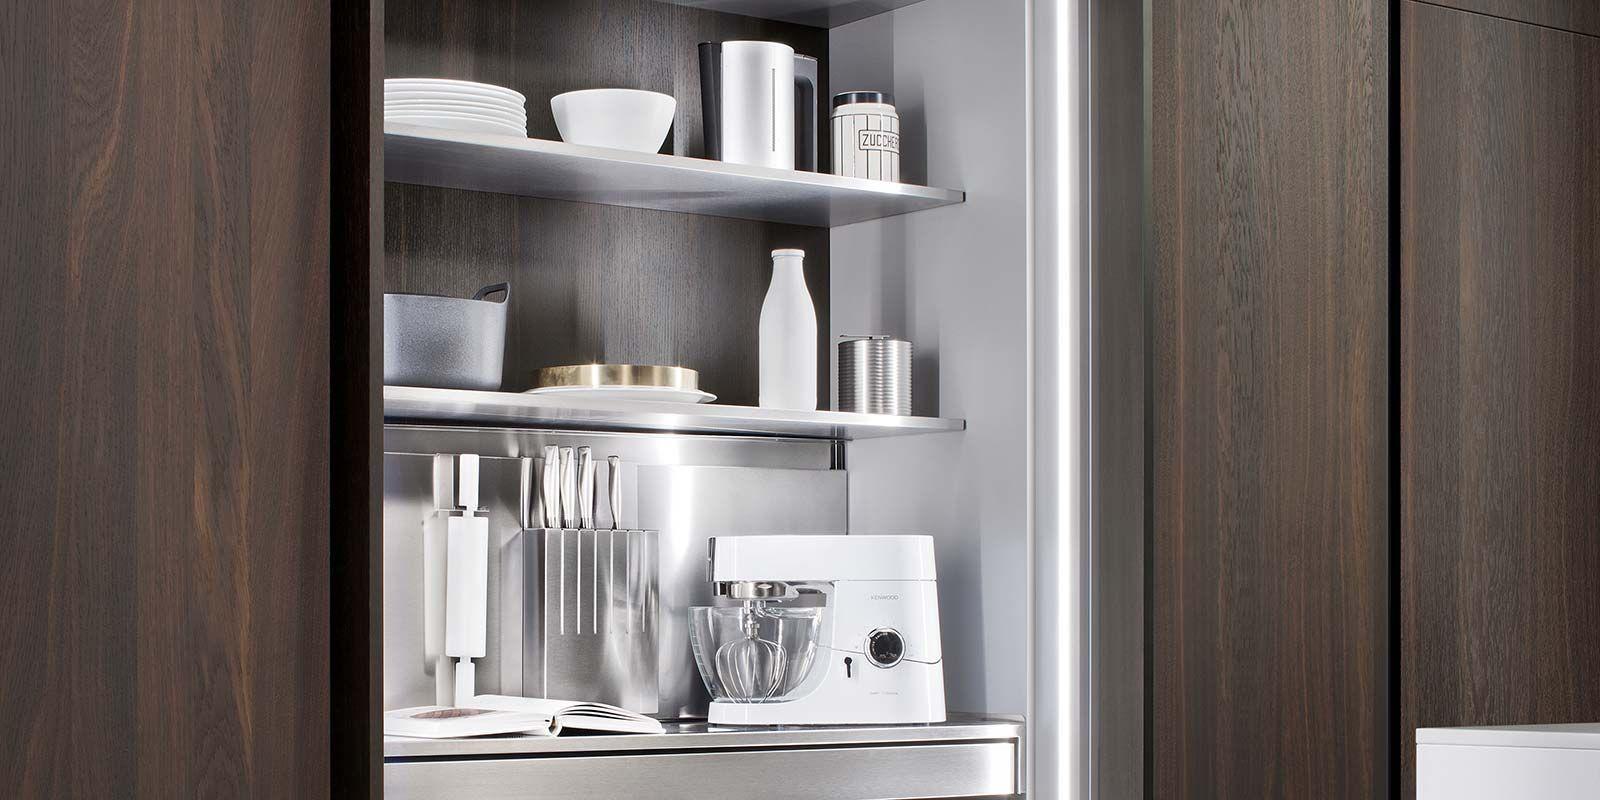 Cucina One- Ernestomeda | Ernestomeda | Pinterest | Modern and Kitchens